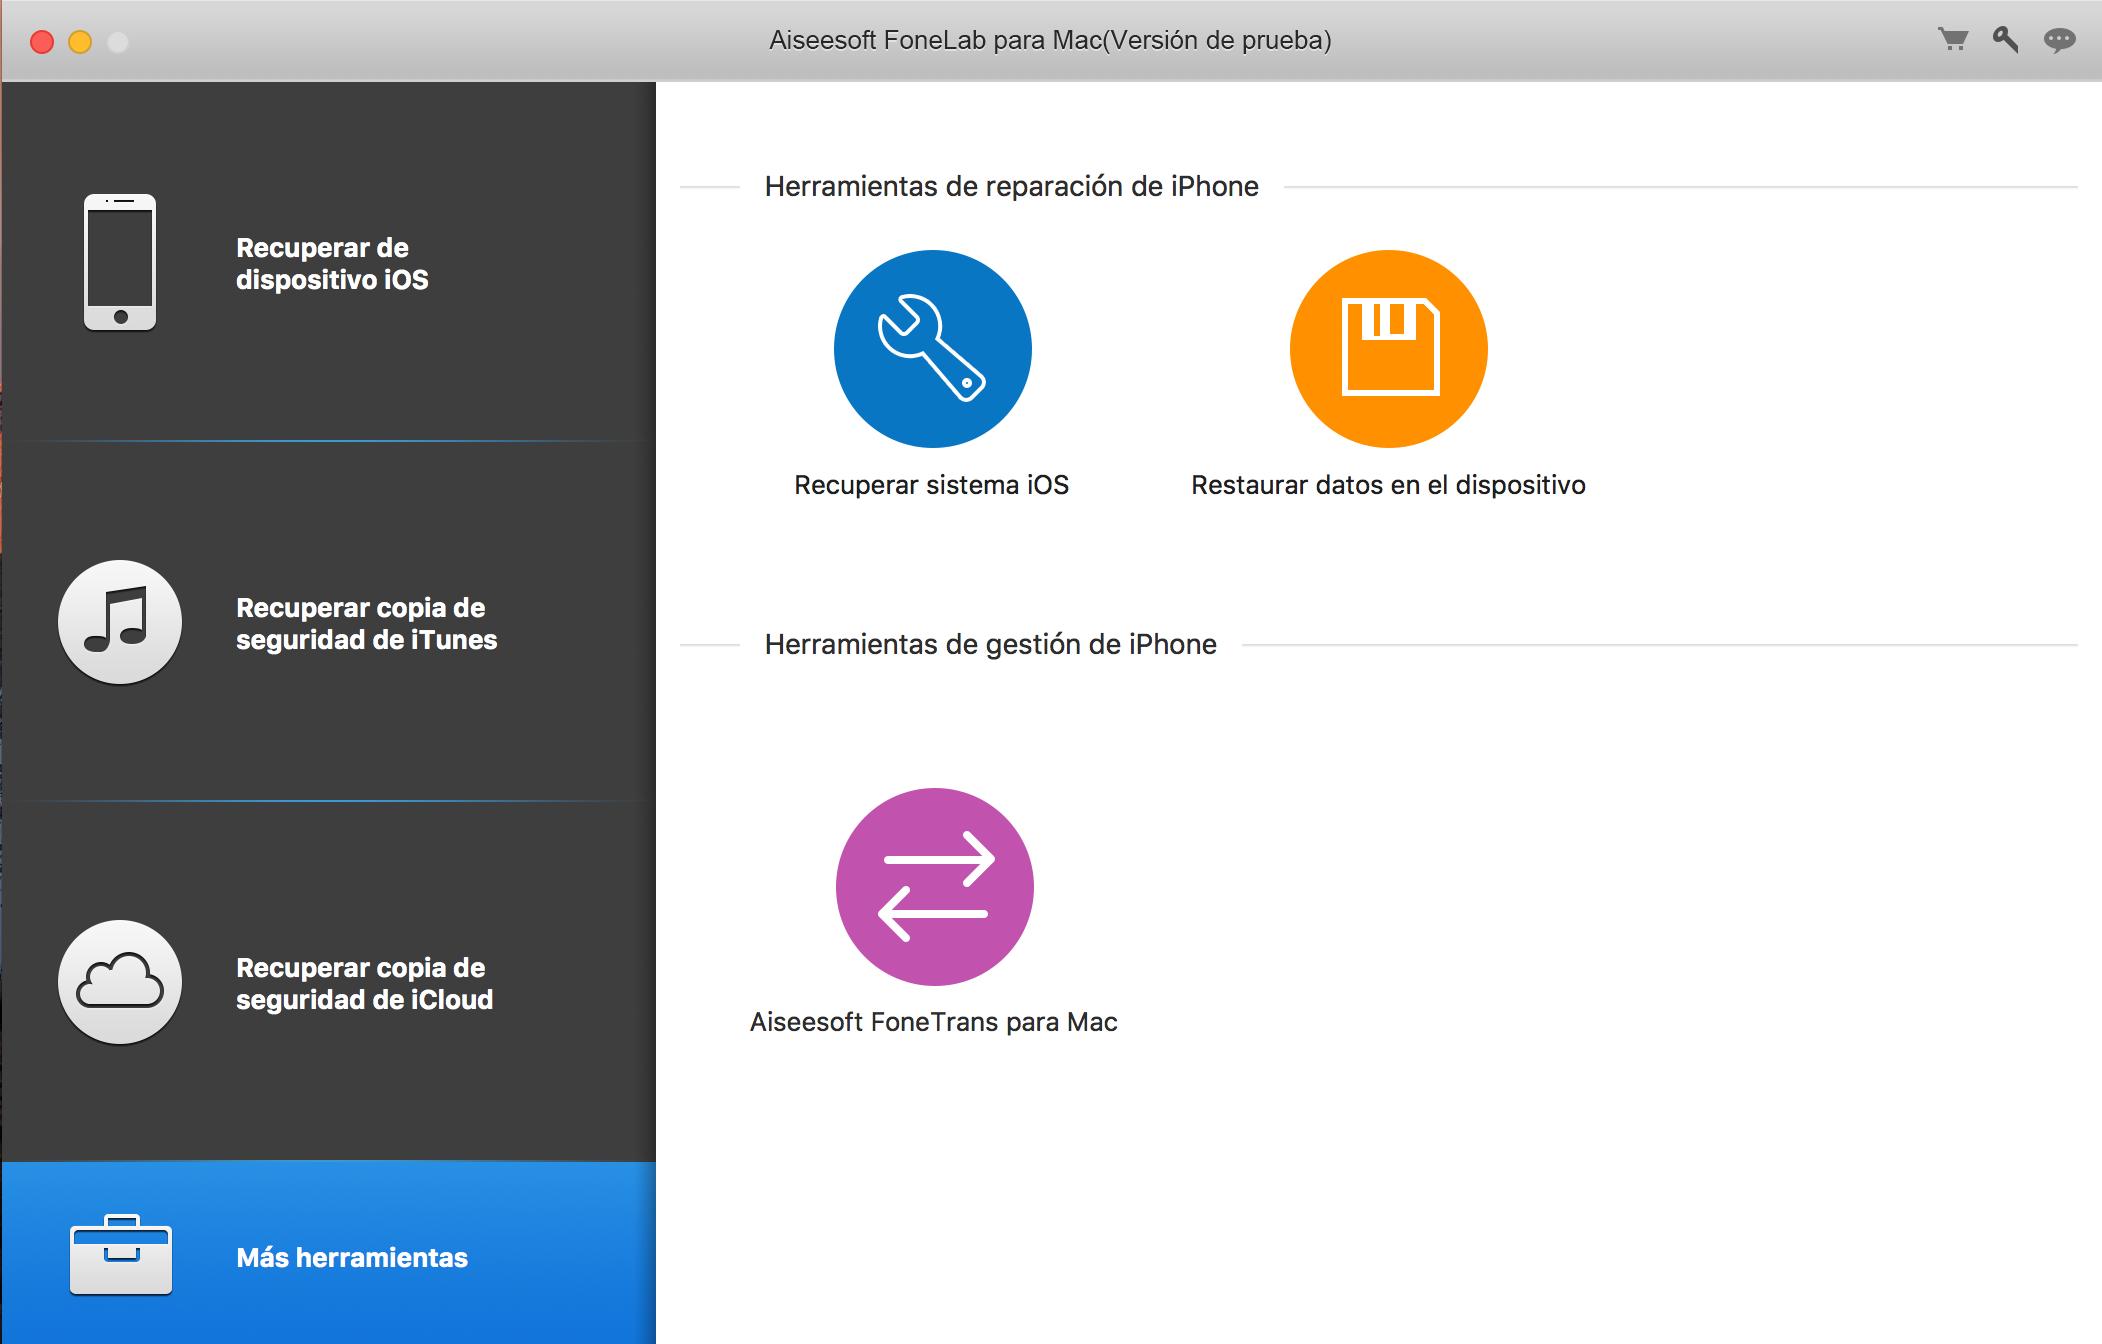 Más herramientas para la reparación/recuperación de dispositivos iOS